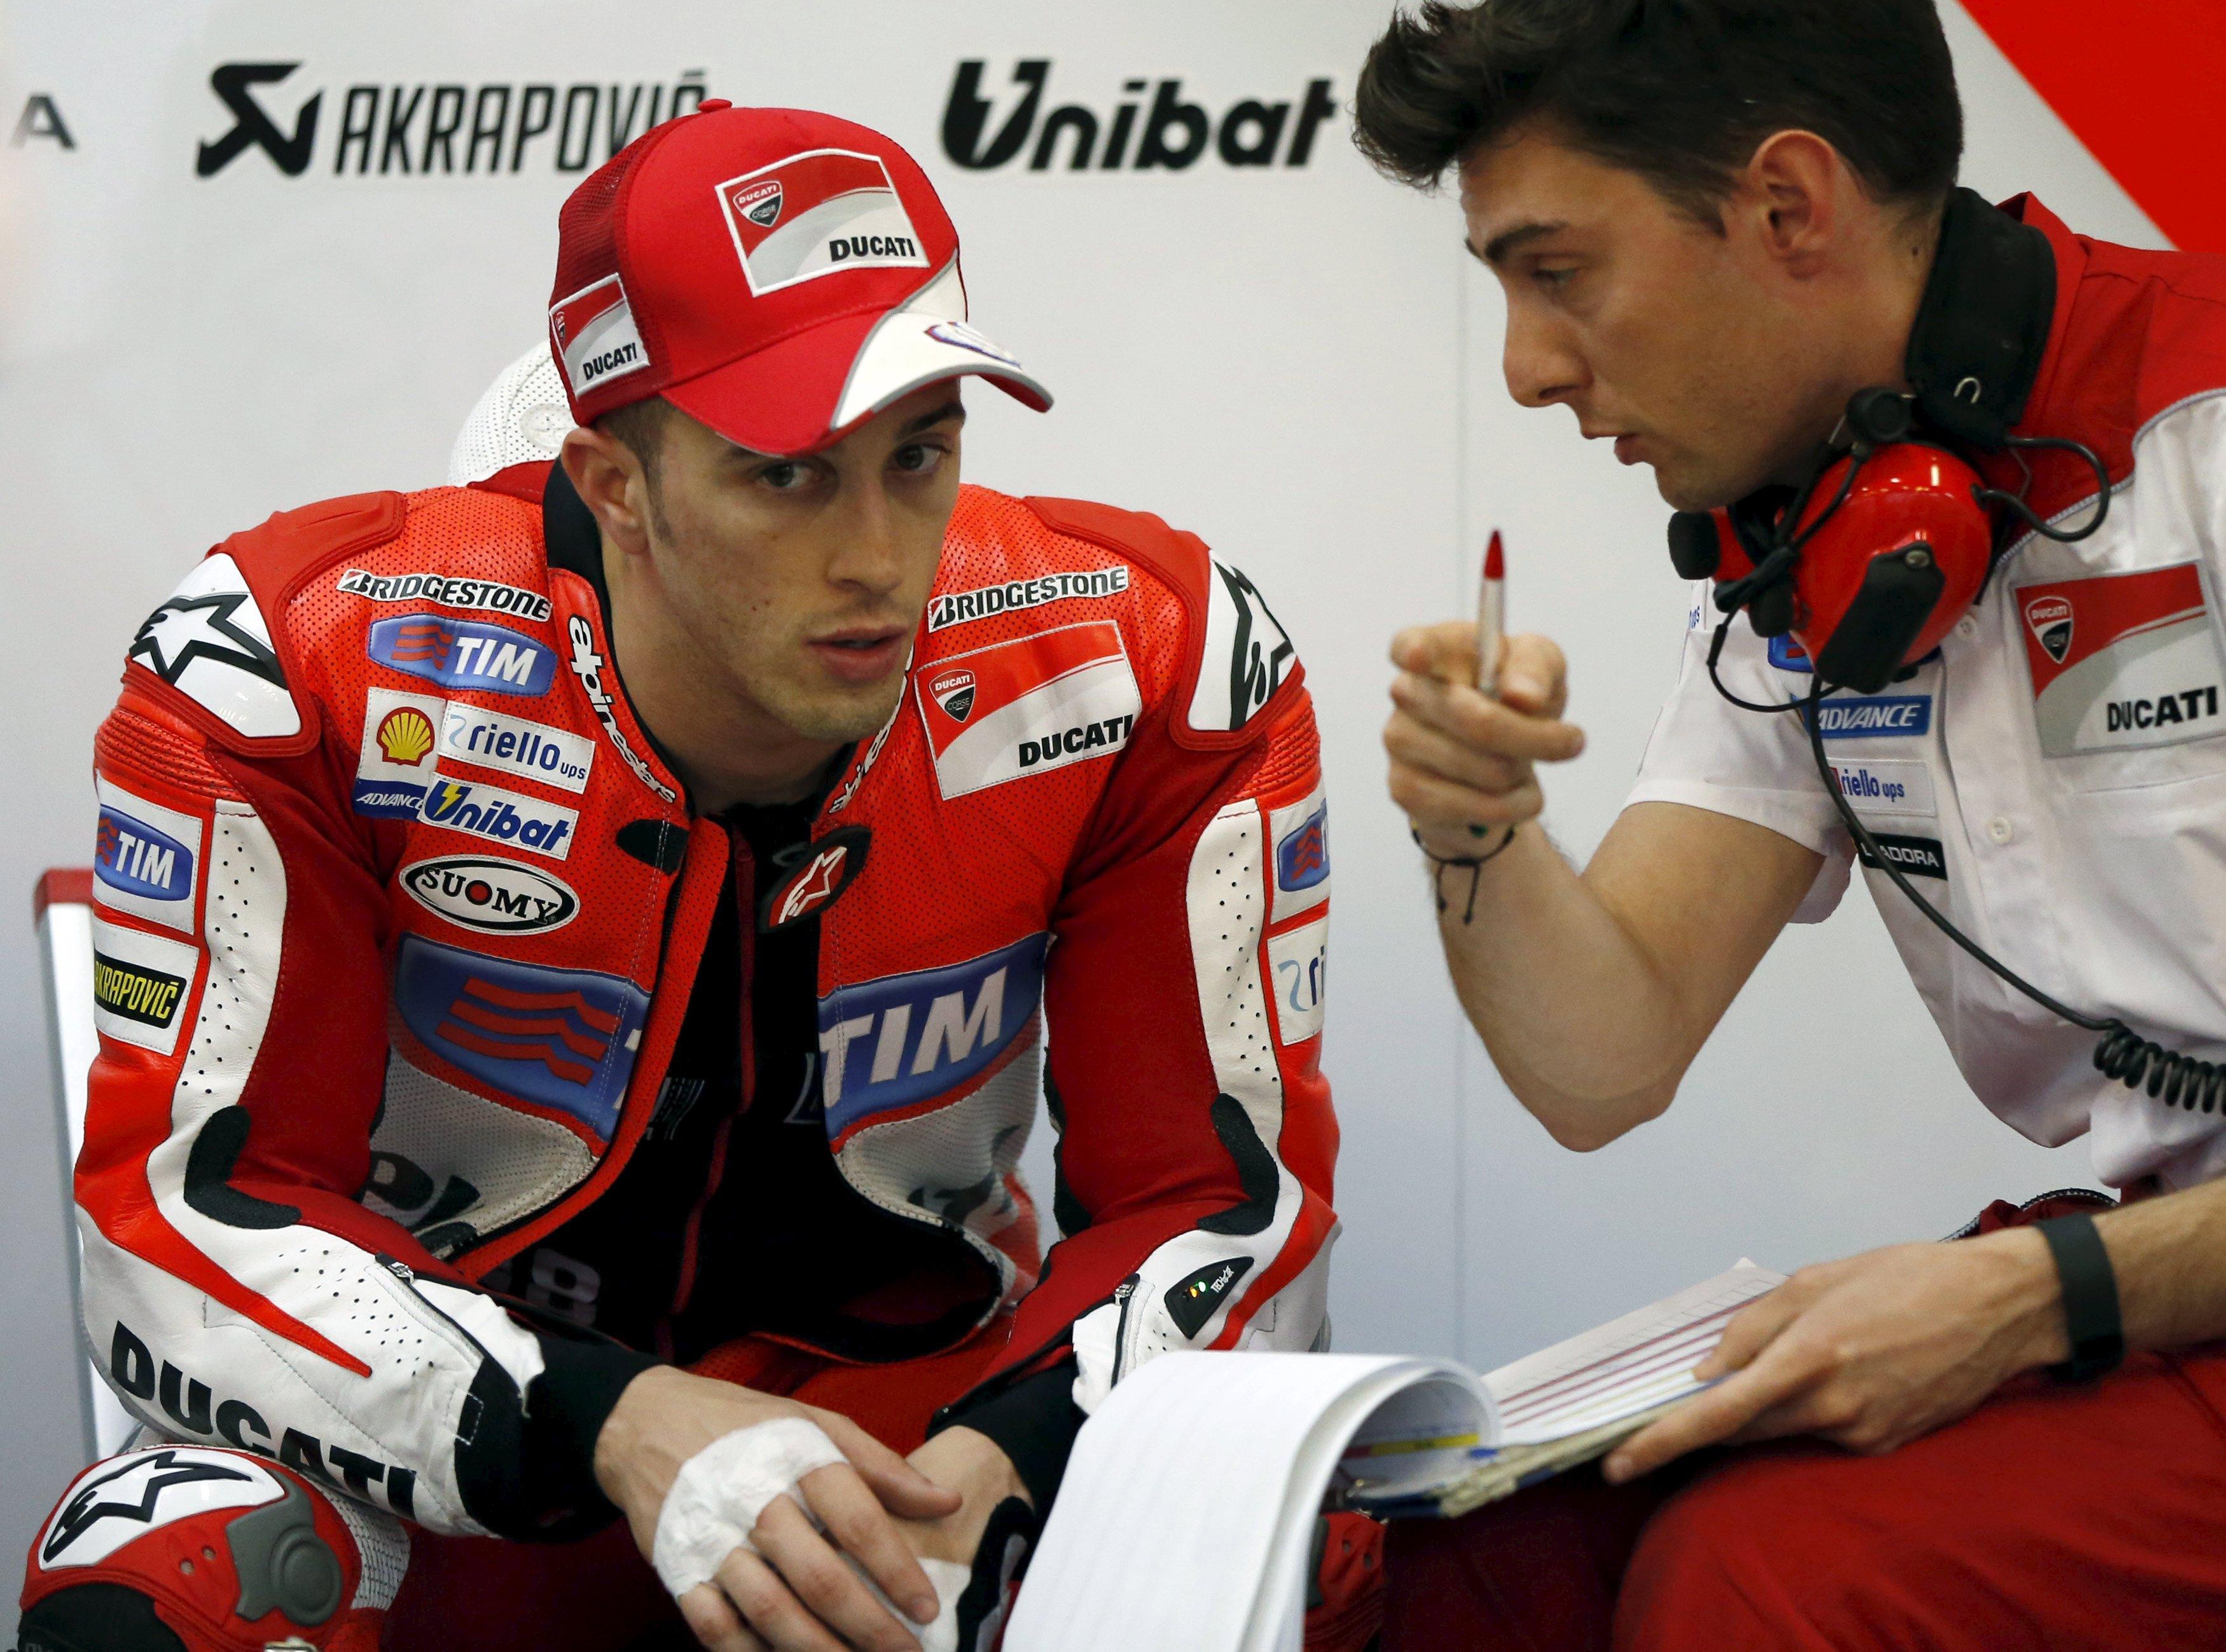 Andrea Dovizioso MotoGP Andrea Dovizioso MotoGP Ducati